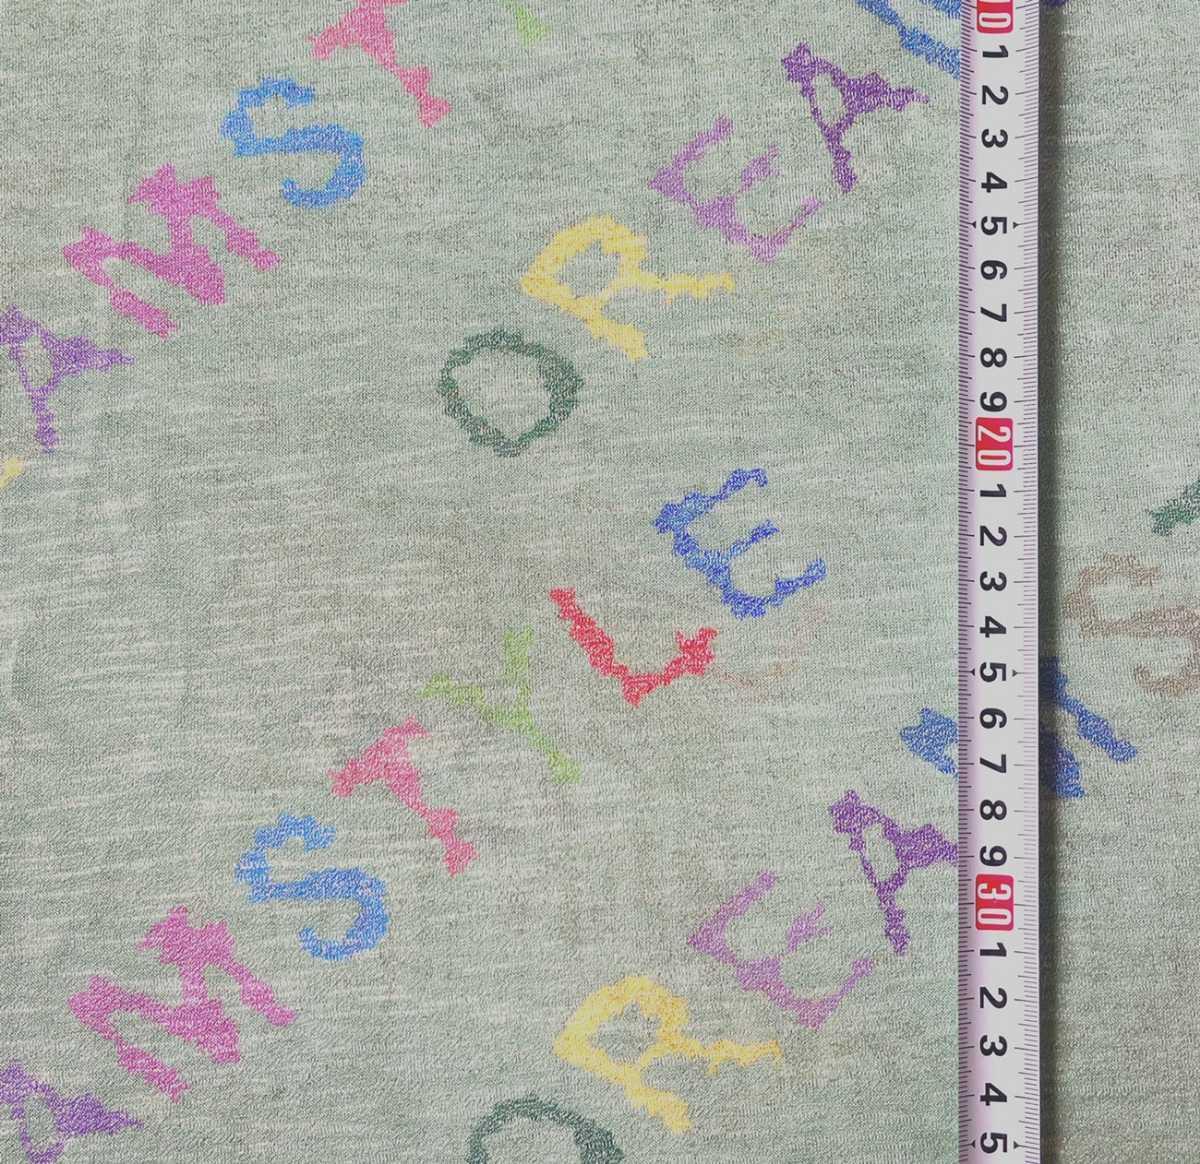 英字 超薄 スラブ Tシャツニット 150×50cm 生地 ニット生地 ハンドメイド アッシュグリーン アルファベット 布 リメイク はぎれ ハギレ